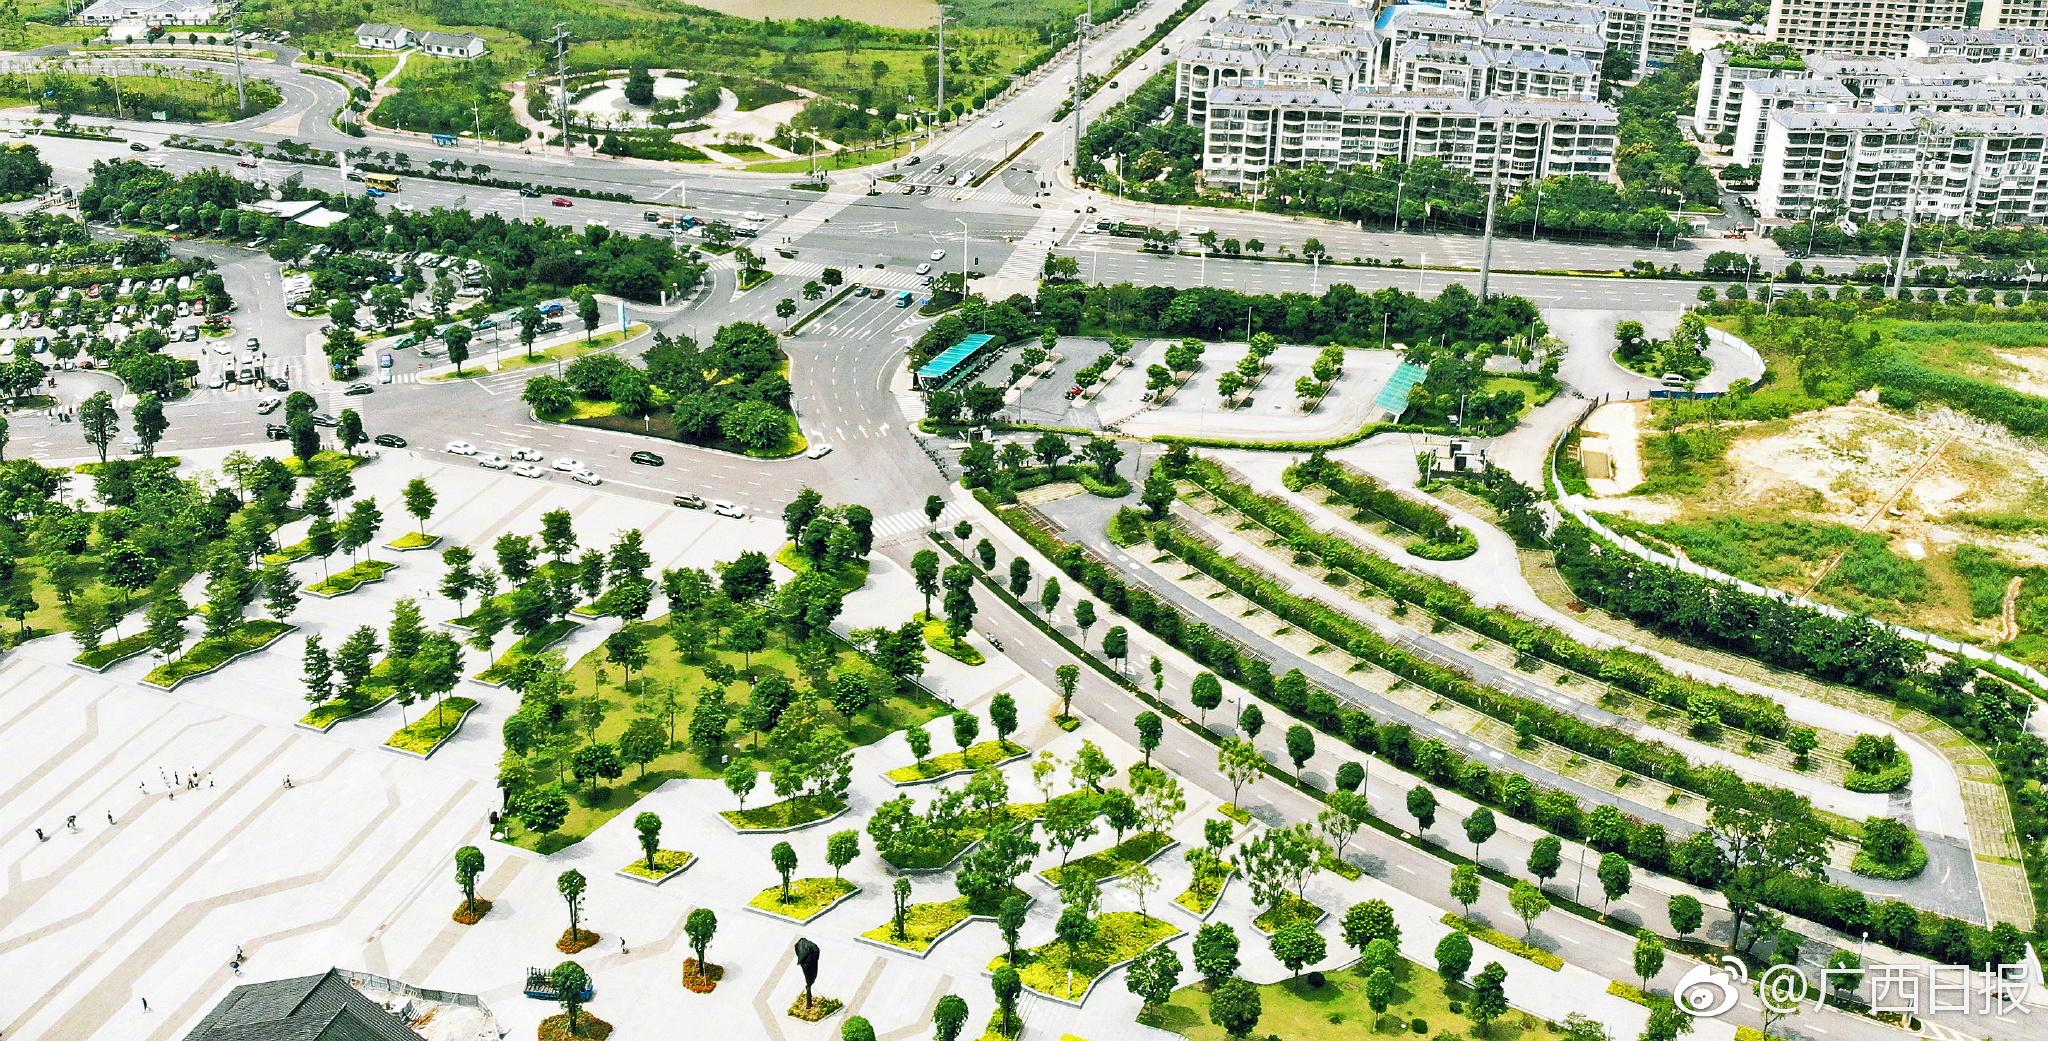 南宁新建一批生态停车场 纳入智慧城市建设规划